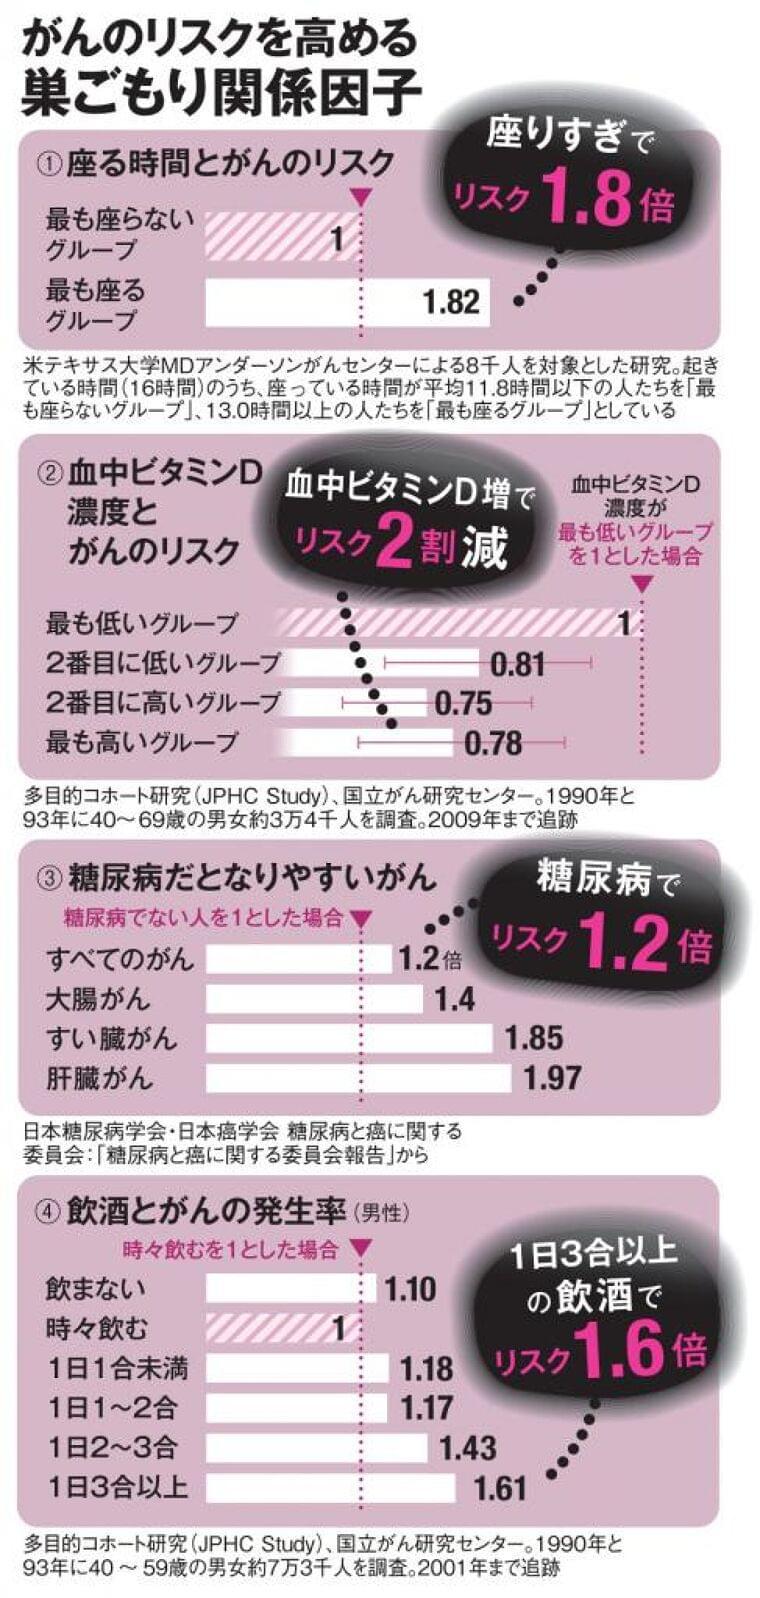 巣ごもりにがんリスク 「1日3合以上飲酒」「糖質とりすぎ」「日に当たらない」は要注意 (1/2) 〈AERA〉|AERA dot. (アエラドット)